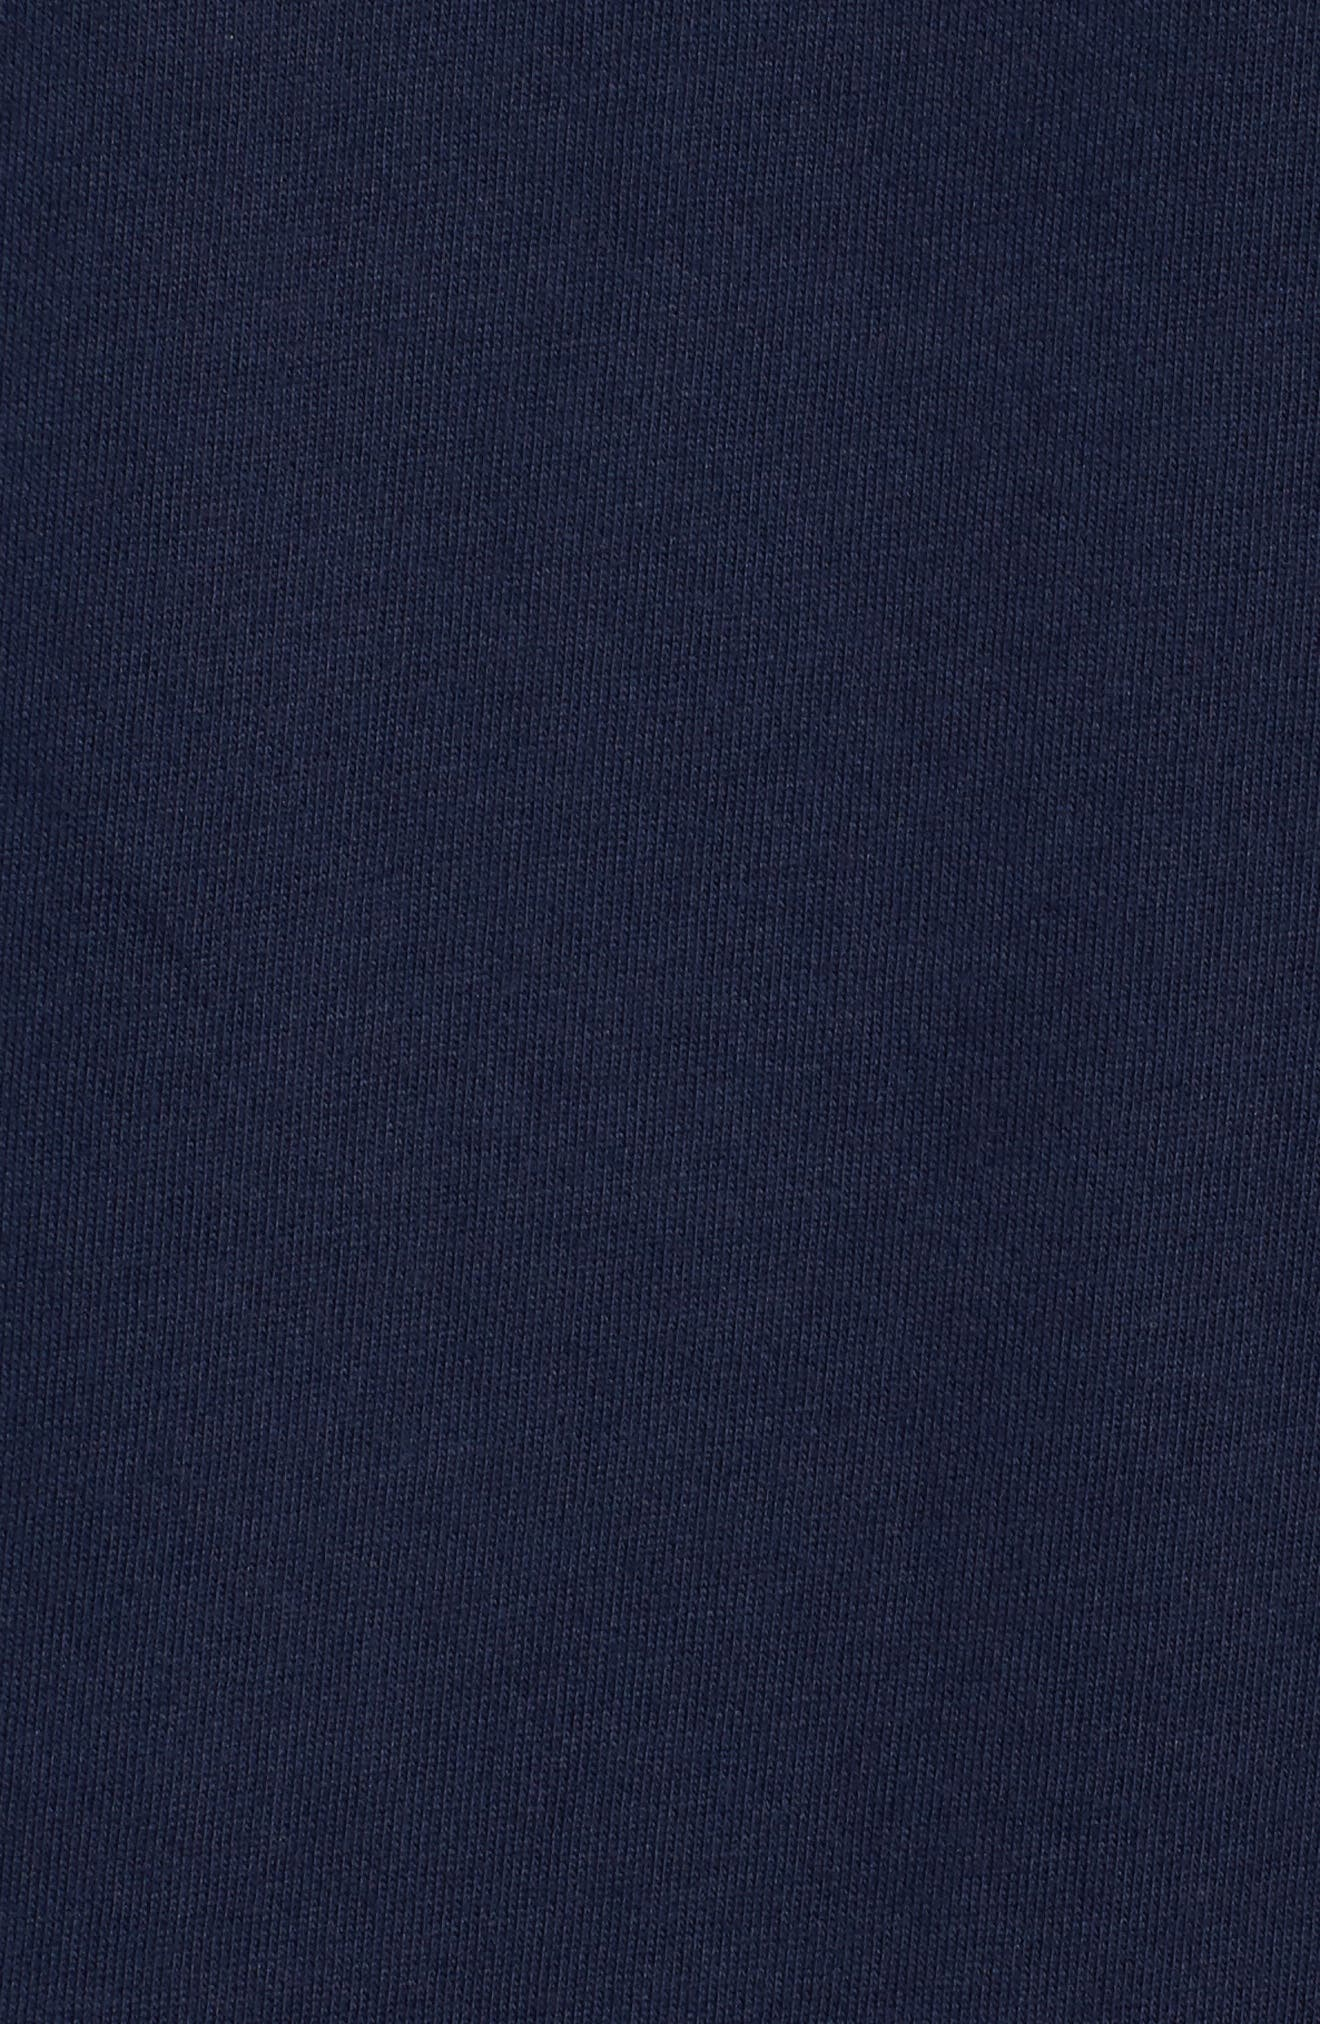 NFL Team Graphic T-Shirt,                             Alternate thumbnail 5, color,                             Patriots